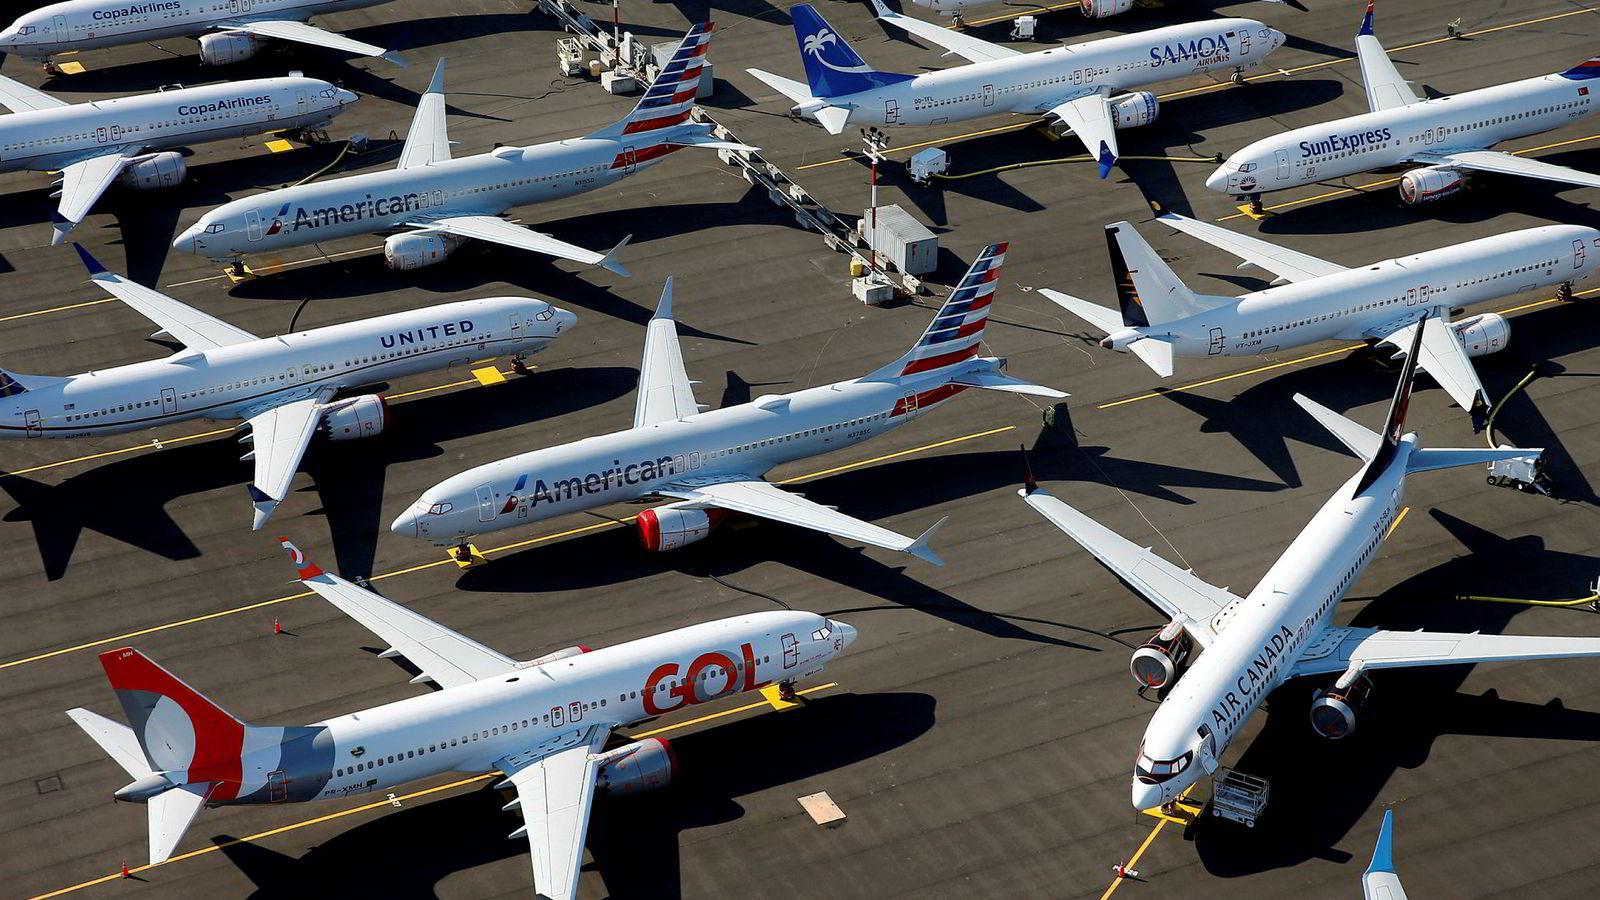 Usikkert når Boeing 737 Max kan fly igjen, som disse som er parkert hos Boeing i Seattle.